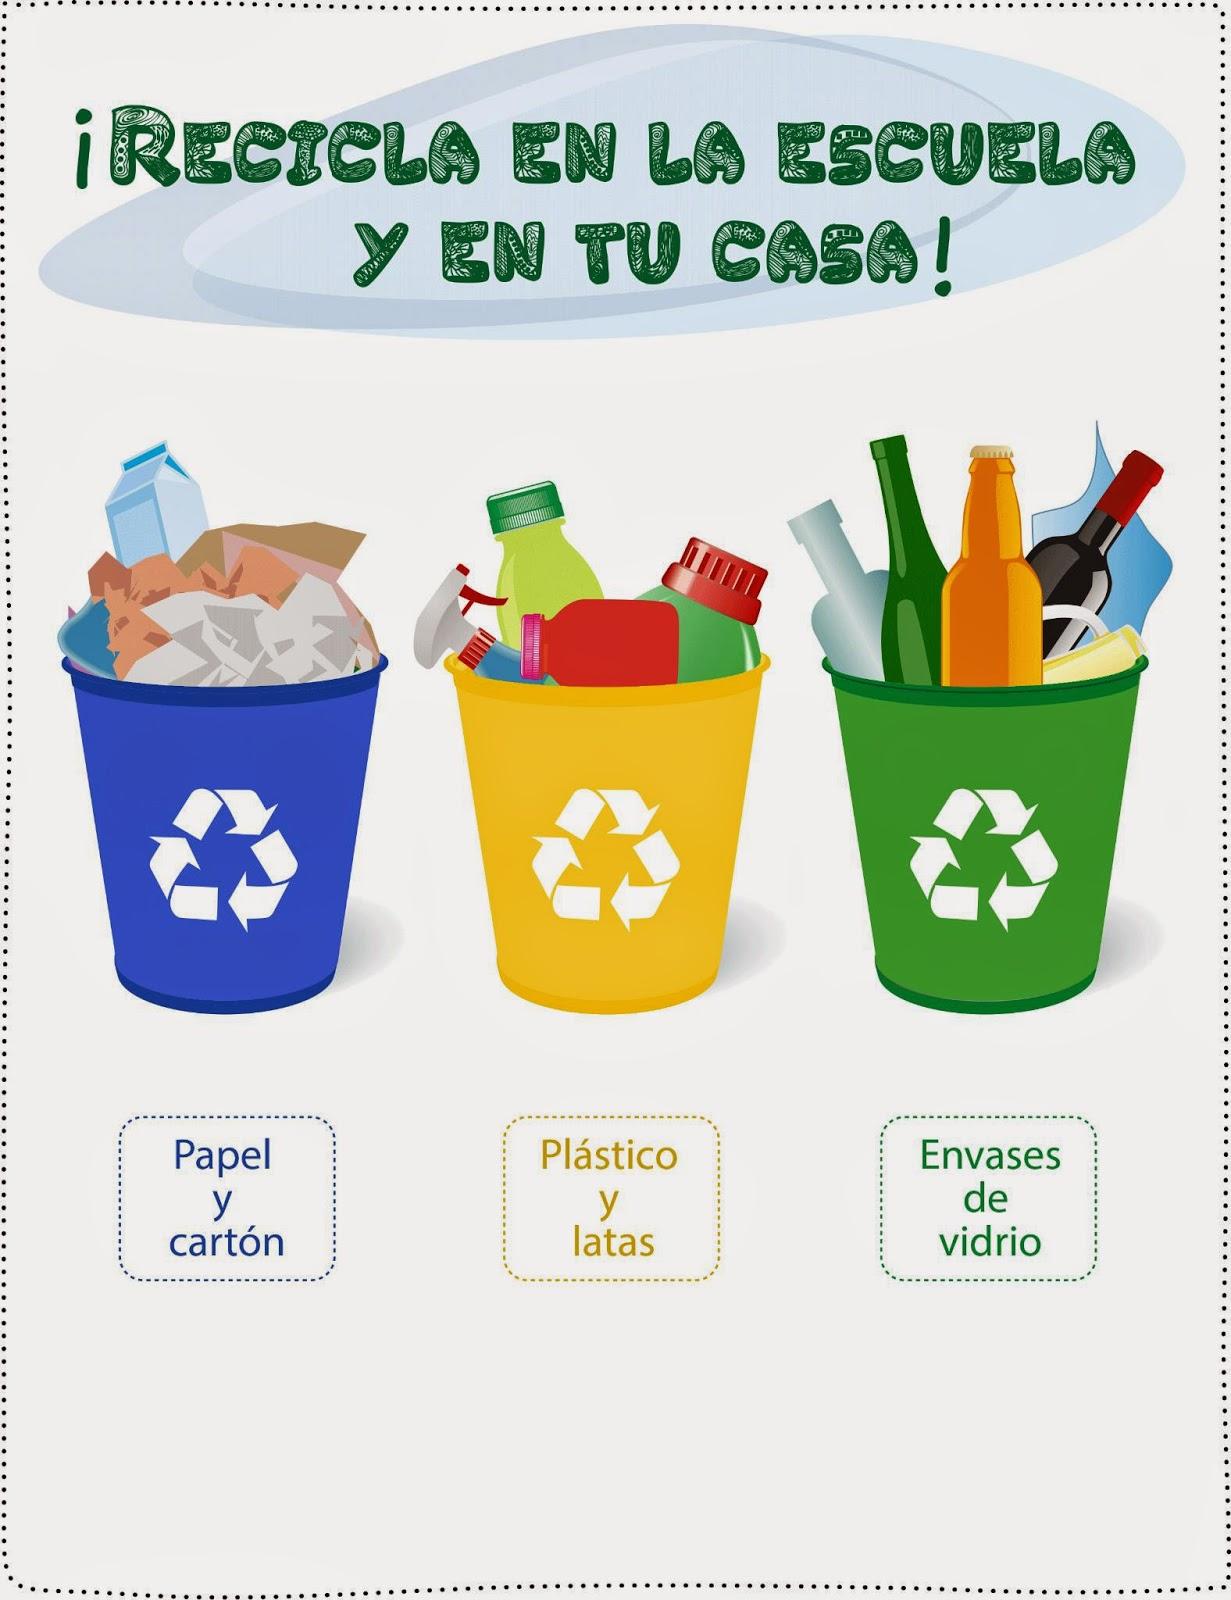 Reciclando por 701 no solo recicles en la instituci n - Colores para reciclar ...